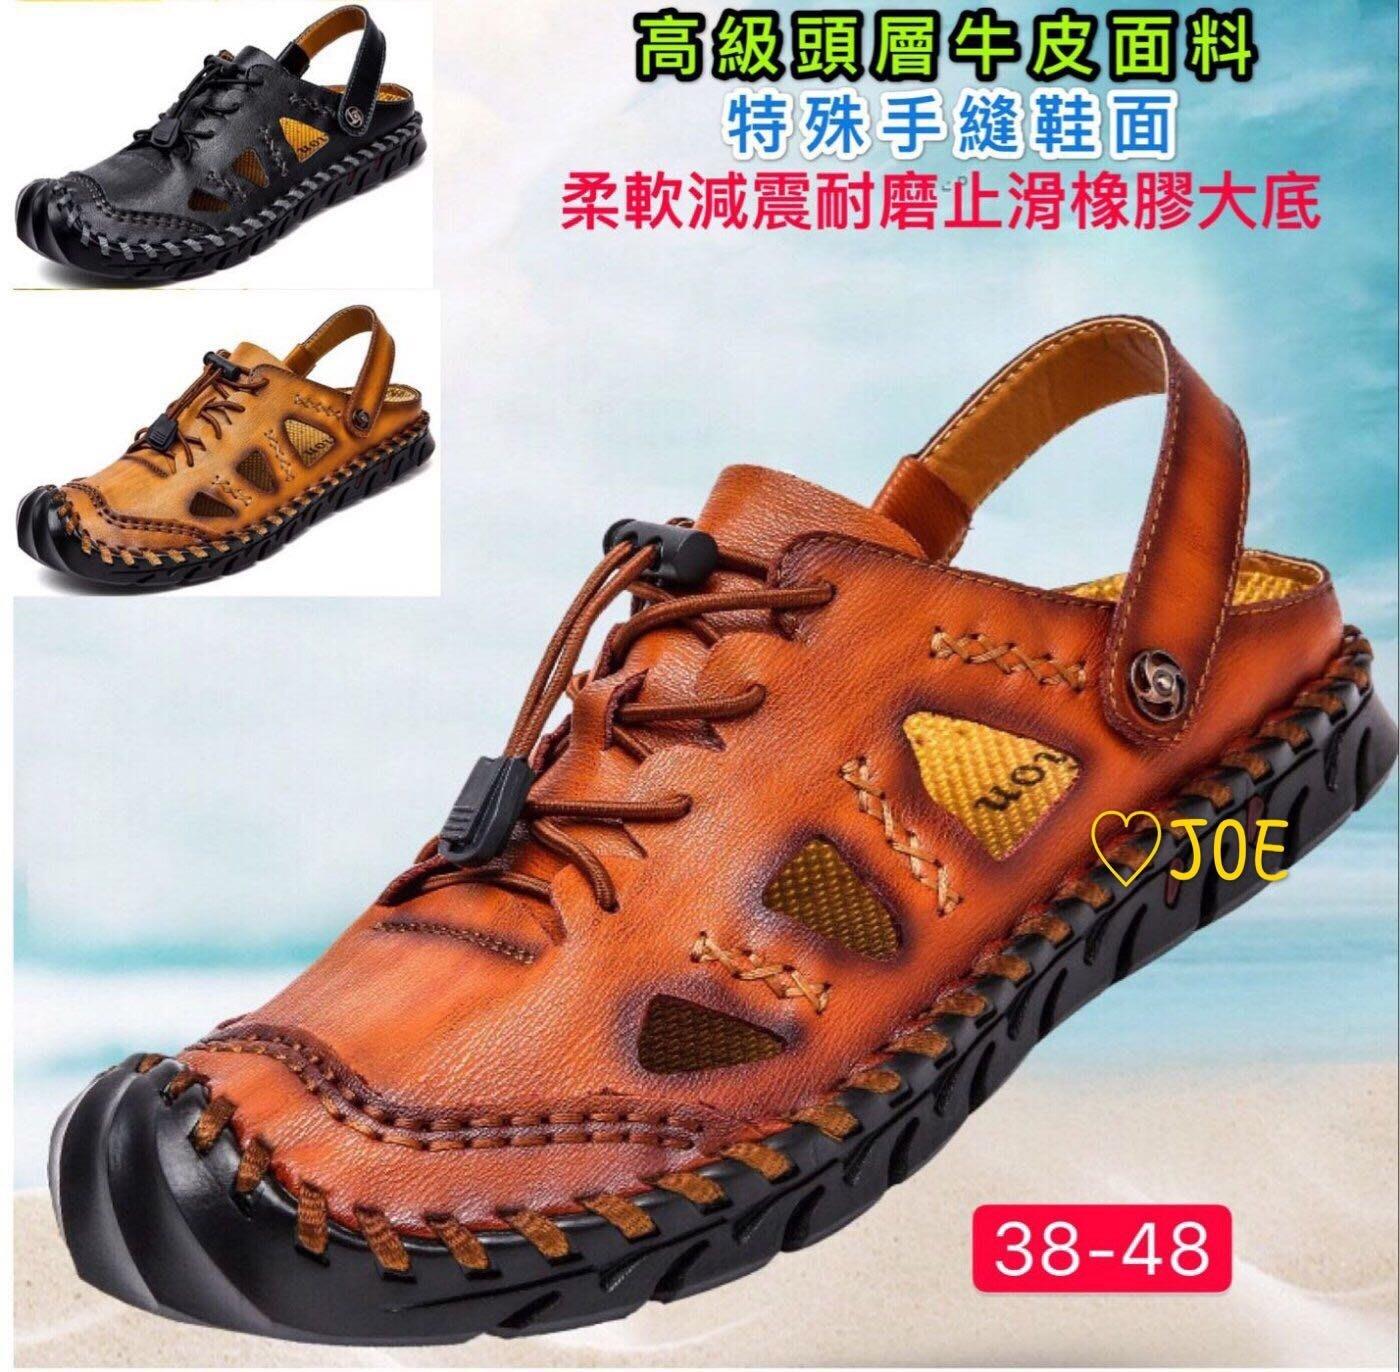 ♡JOE(38-48#) 男鞋大尺碼 頭層牛皮真皮涼鞋 真皮手工鞋涼鞋 真皮拖鞋 海灘鞋 真皮休閒鞋